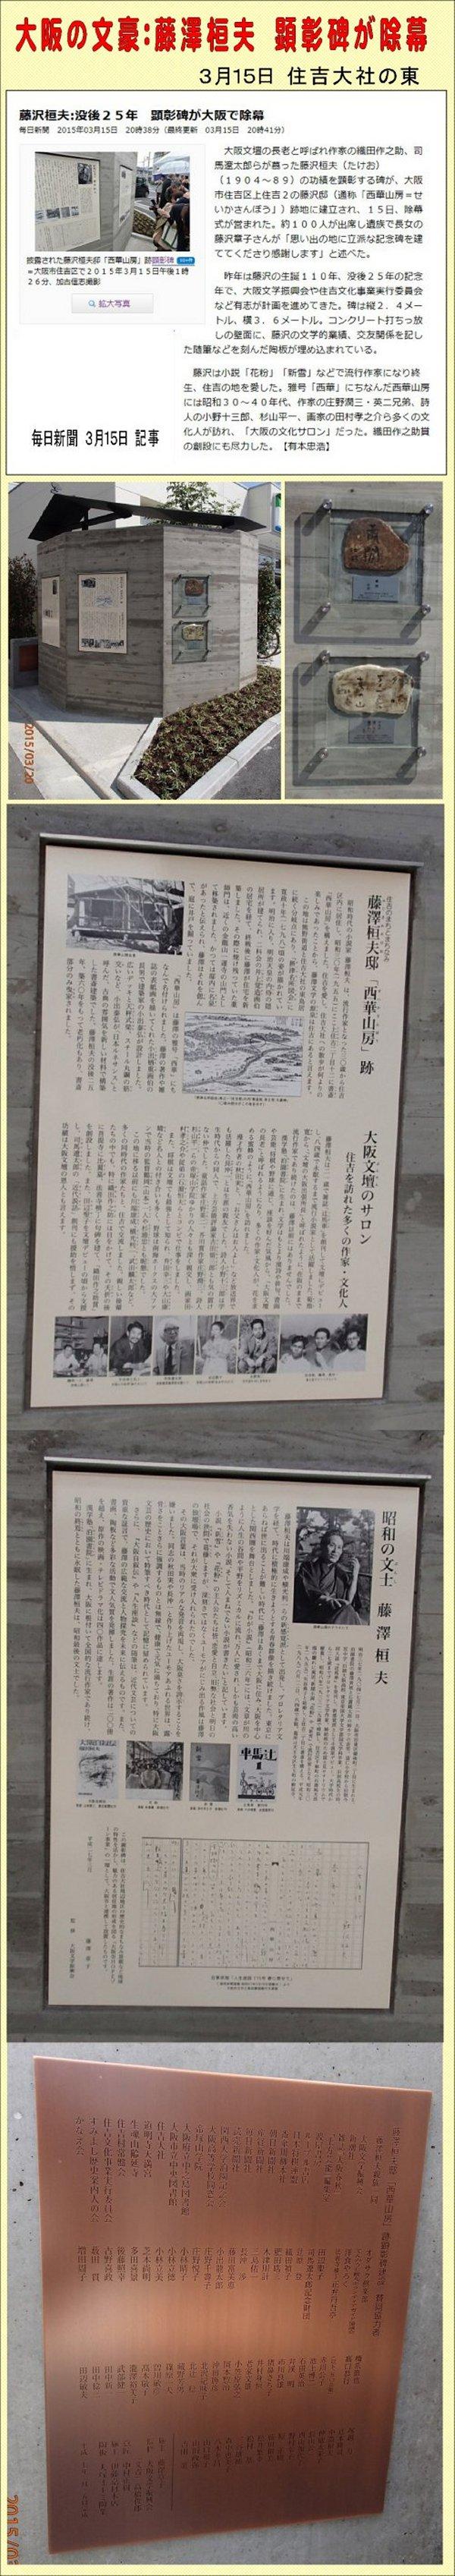 藤澤桓夫顕彰碑